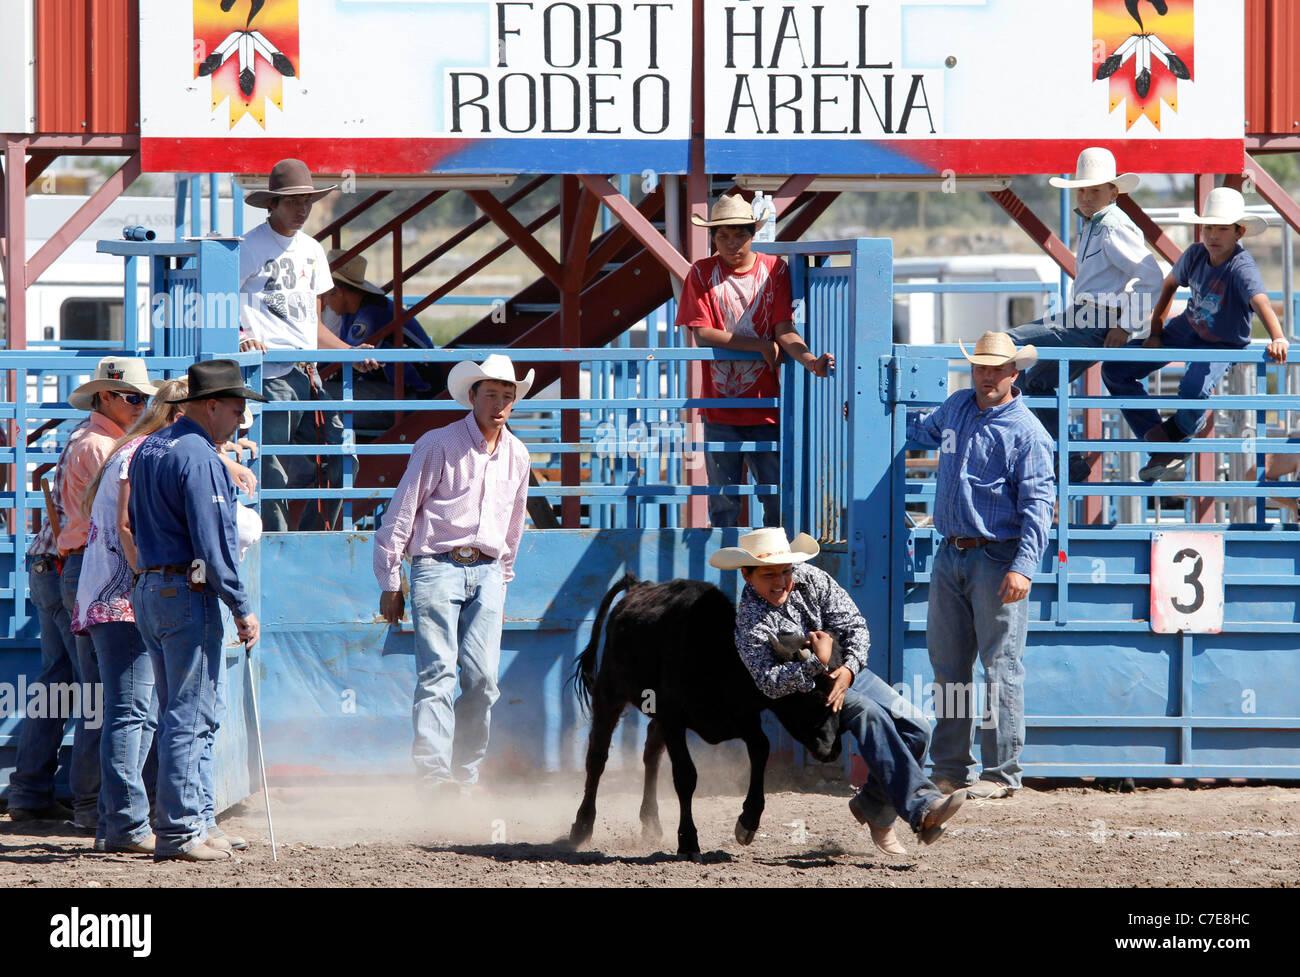 Jeune concurrent dans la lutte, ou d'un veau veau dogging, cas de rodeo tenue sur la réserve de Fort Hall Photo Stock